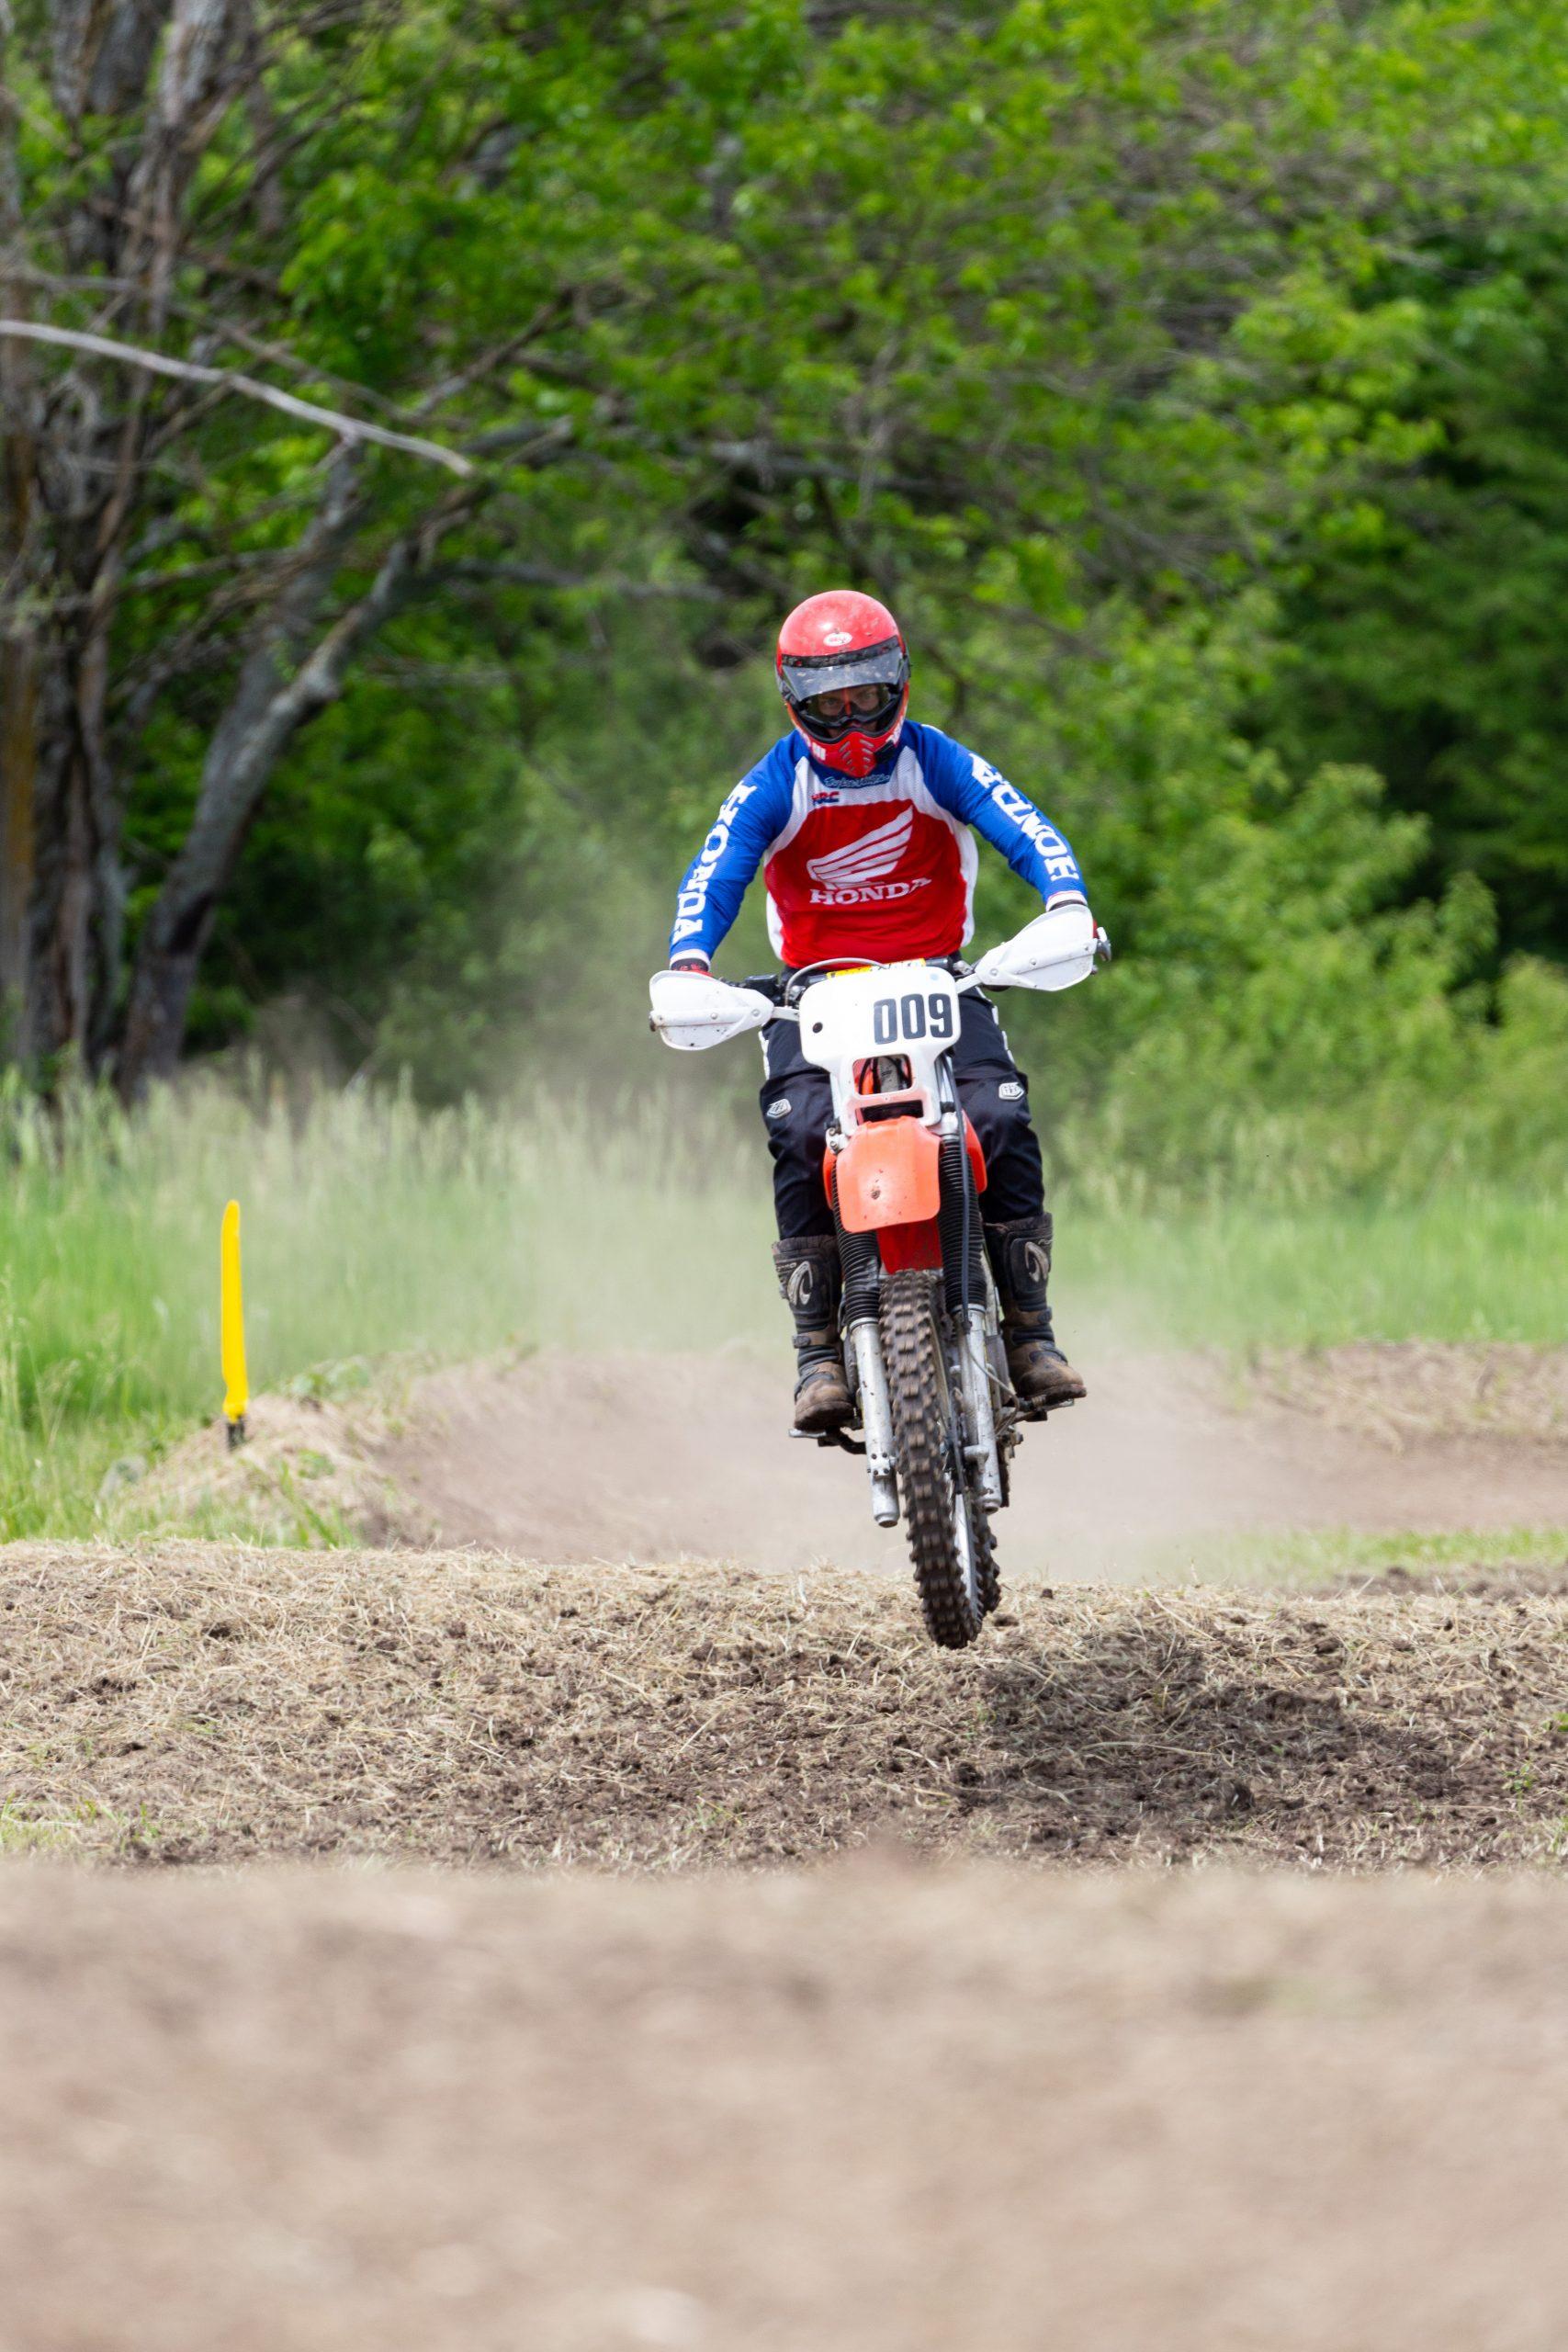 heartland motofest Kyle Smith MX jump 2